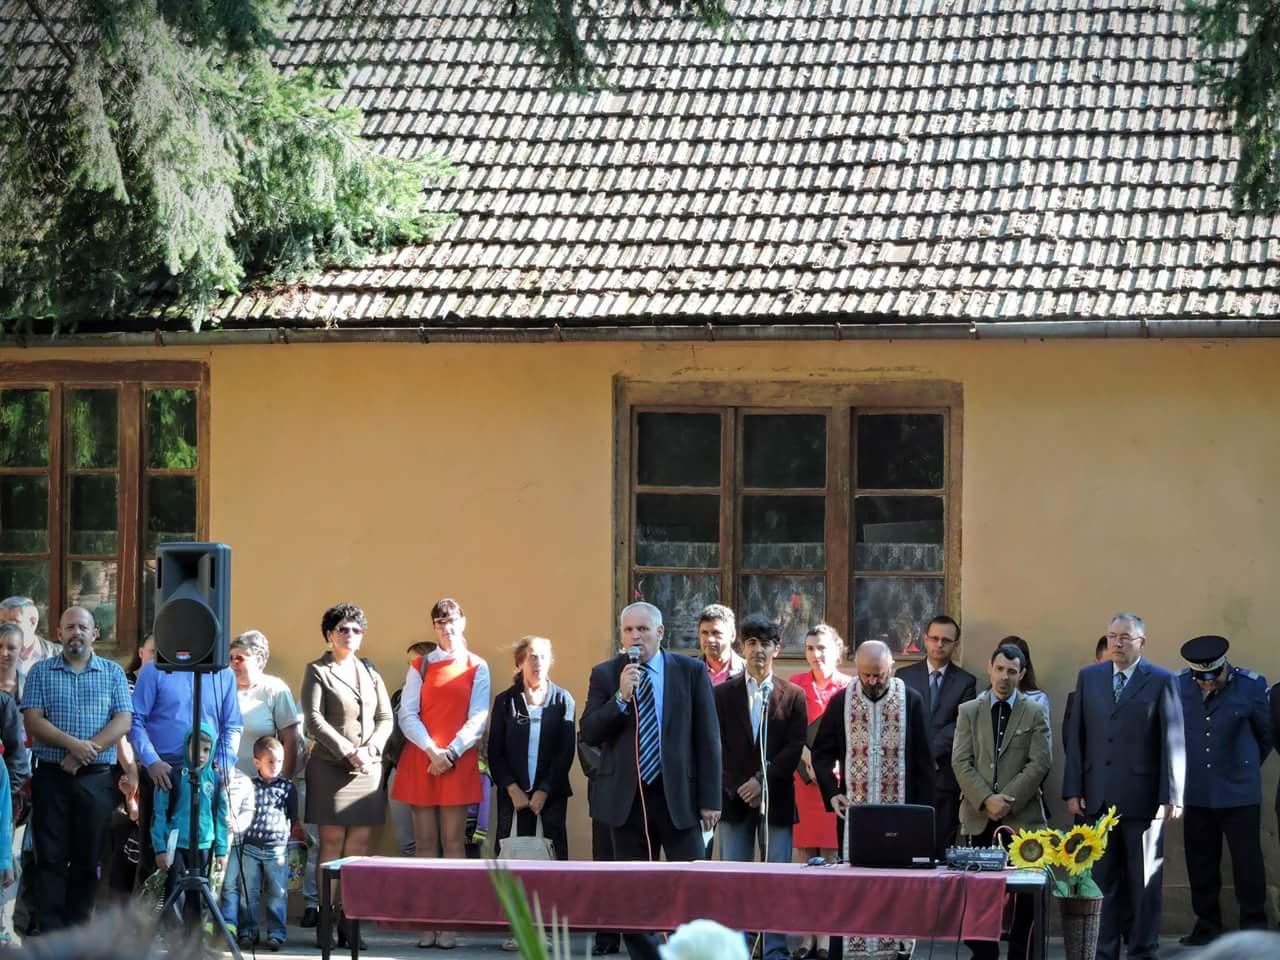 Clopoţelul  a  sunat în şcolile din Lipova. A fost dat startul  anului şcolar 2015-2016